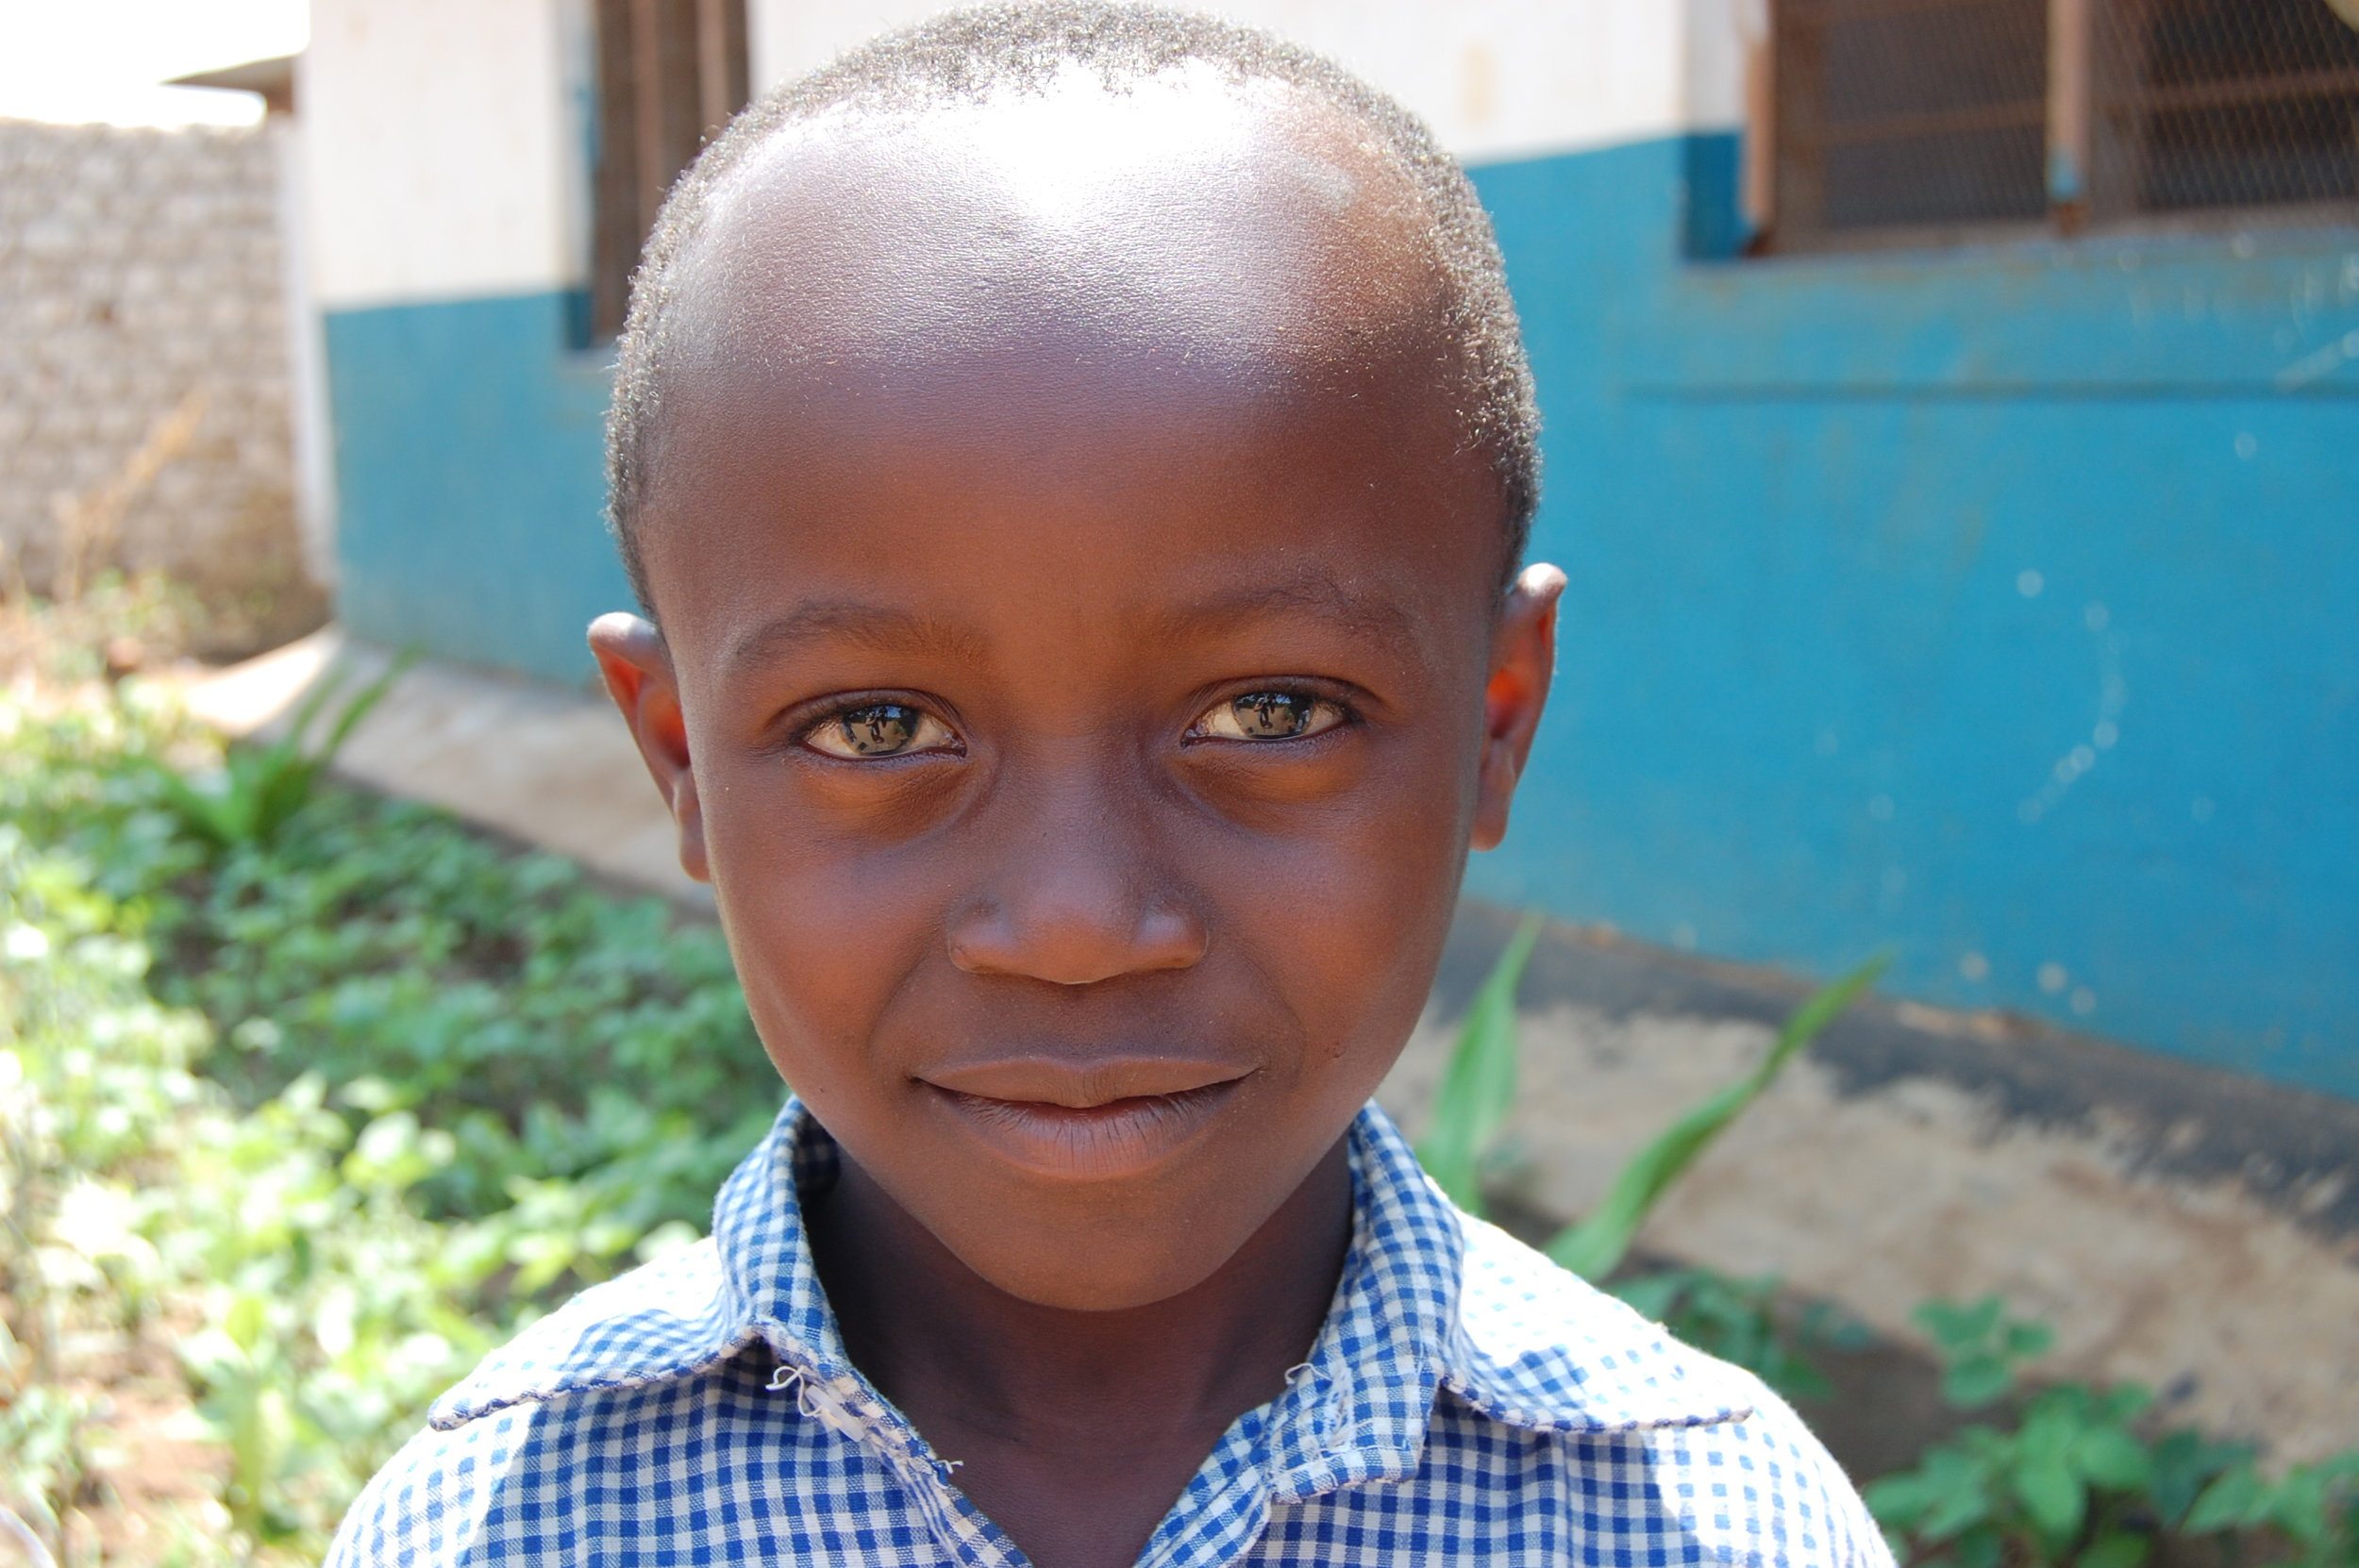 2012-kinderen-stichting-likoni-onderneemt-kenia-mombassa-school-kleinschalig-goed-doel (12).JPG